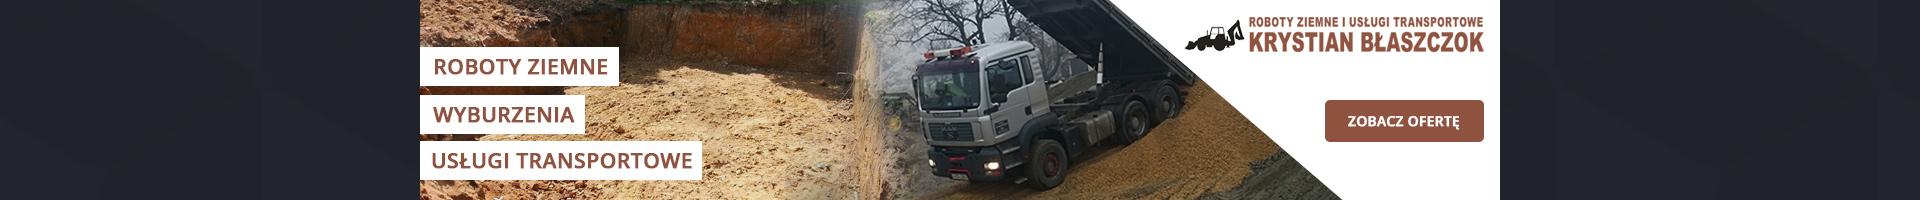 Roboty ziemne i usługi transportowe Krystian Błaszczok